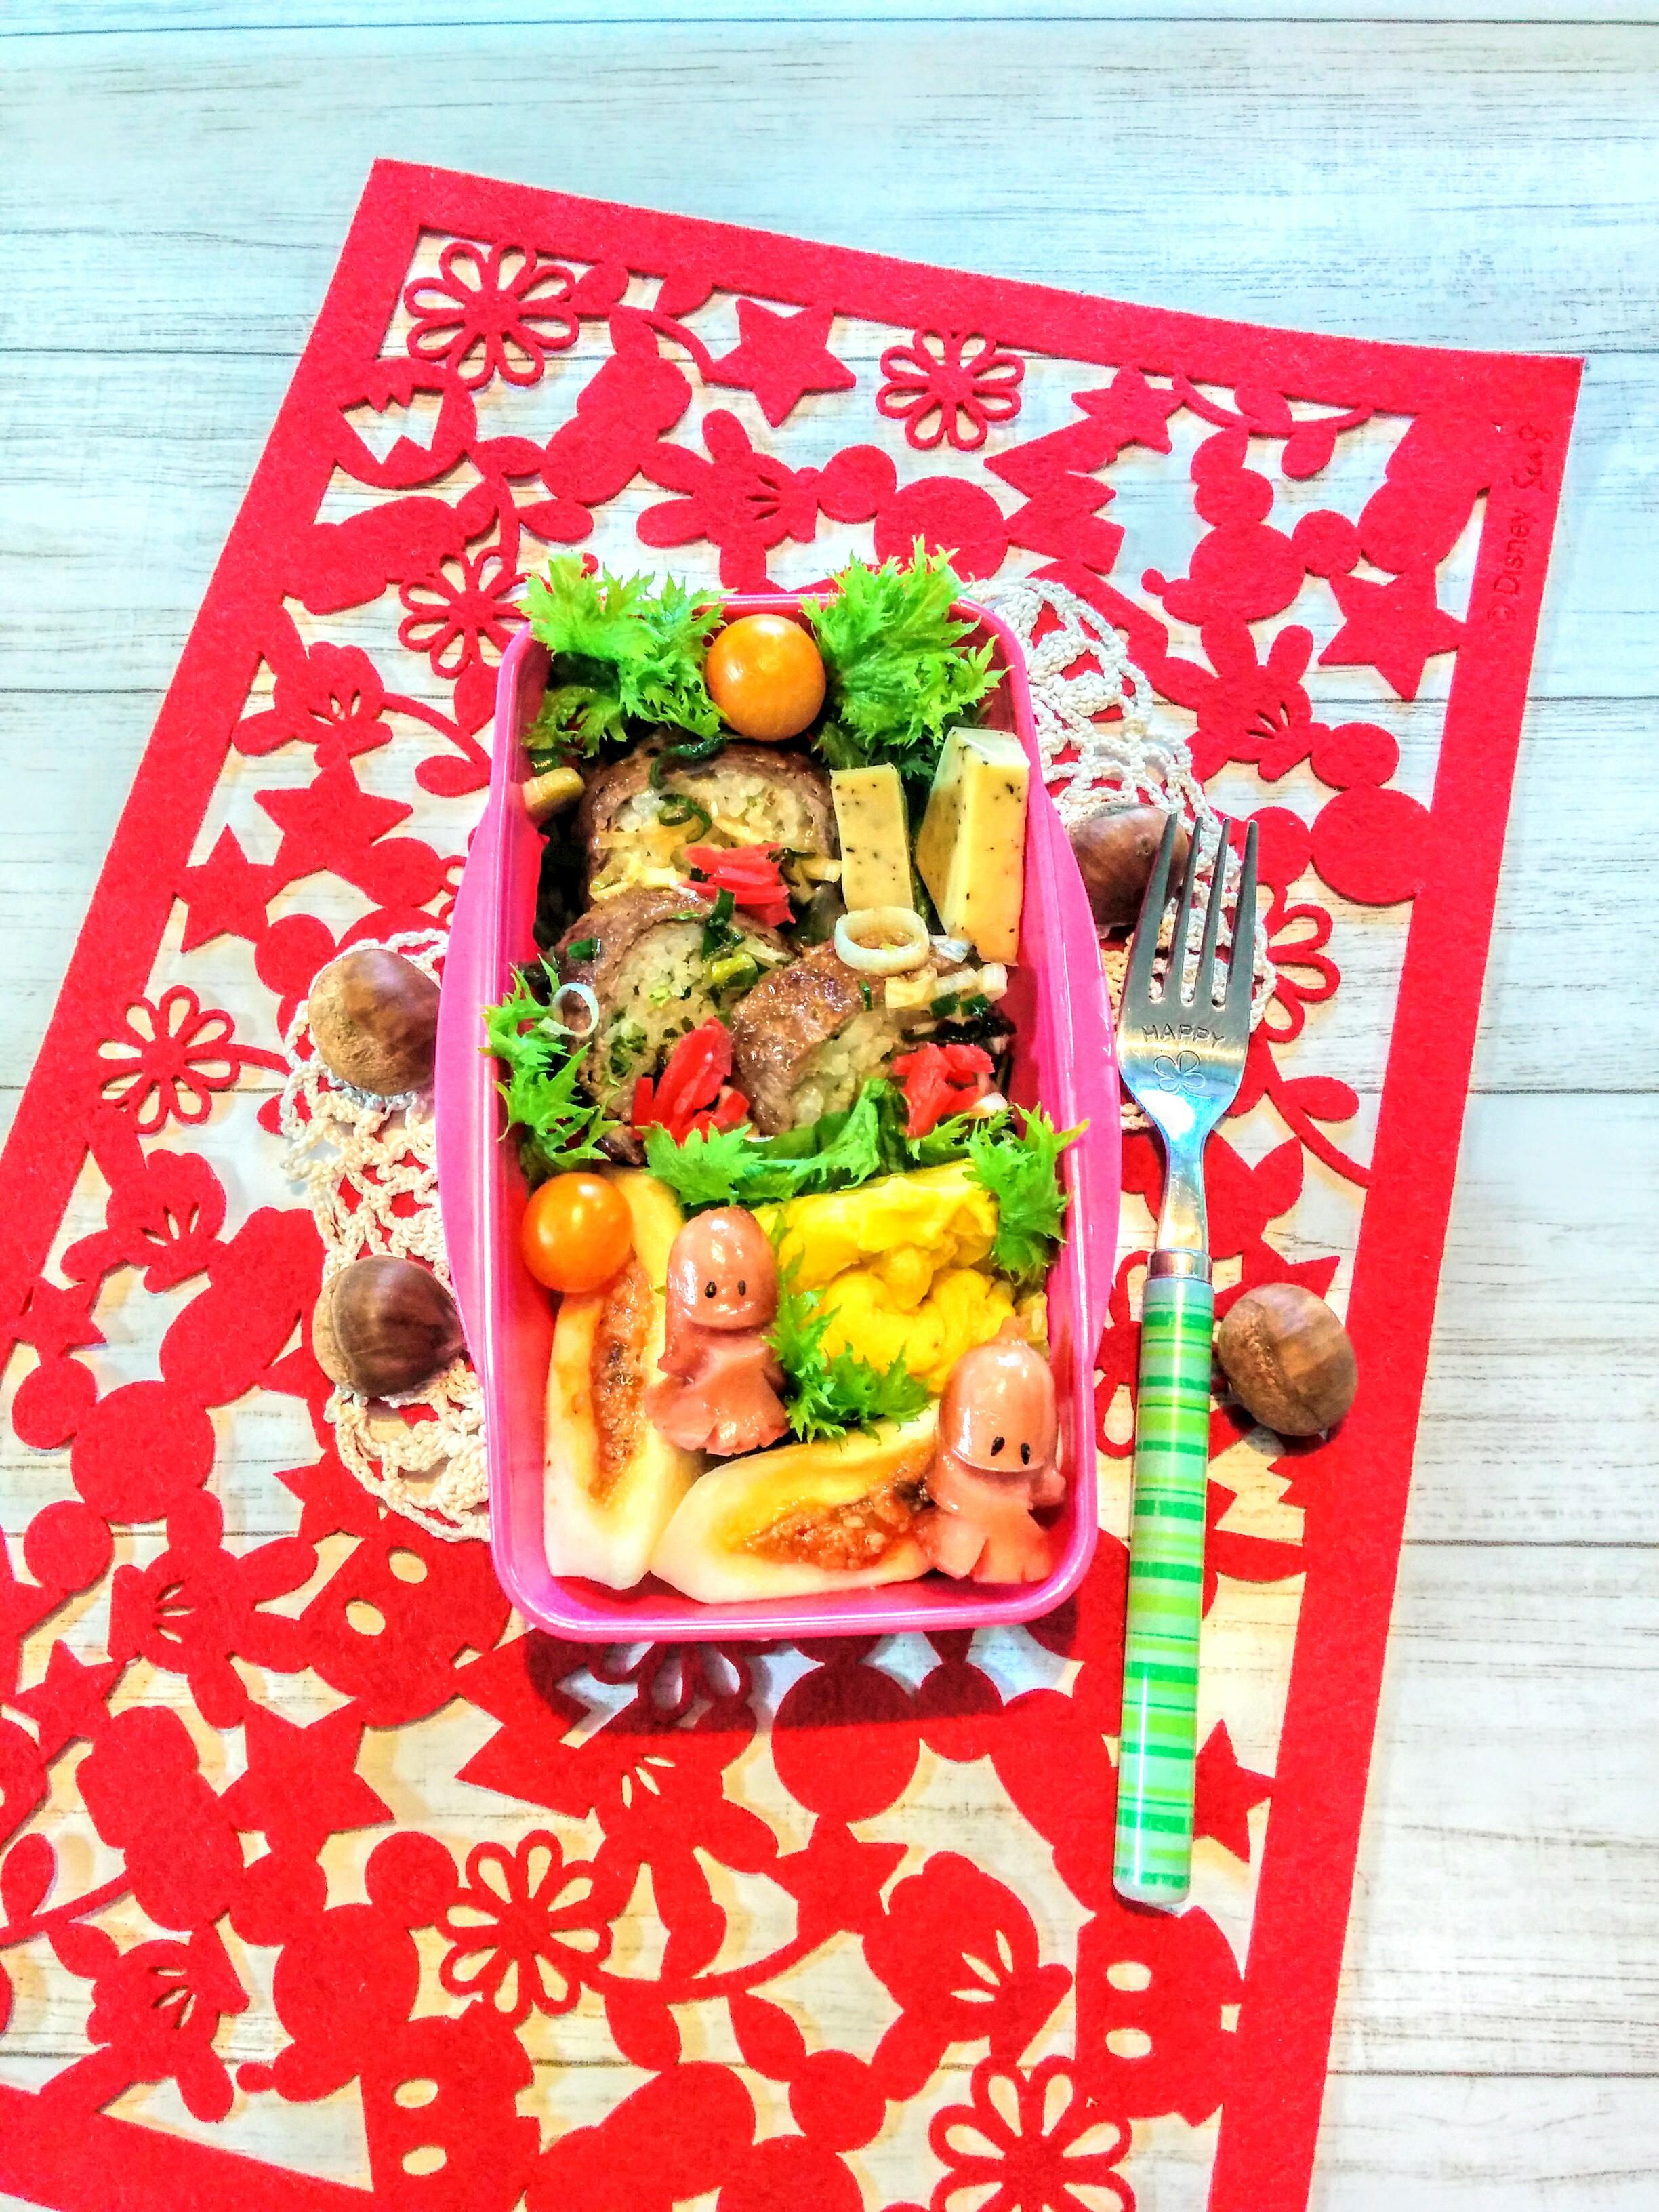 【小樽】娘の今日のお弁当・牛巻きスライス弁当グルメ案内です。